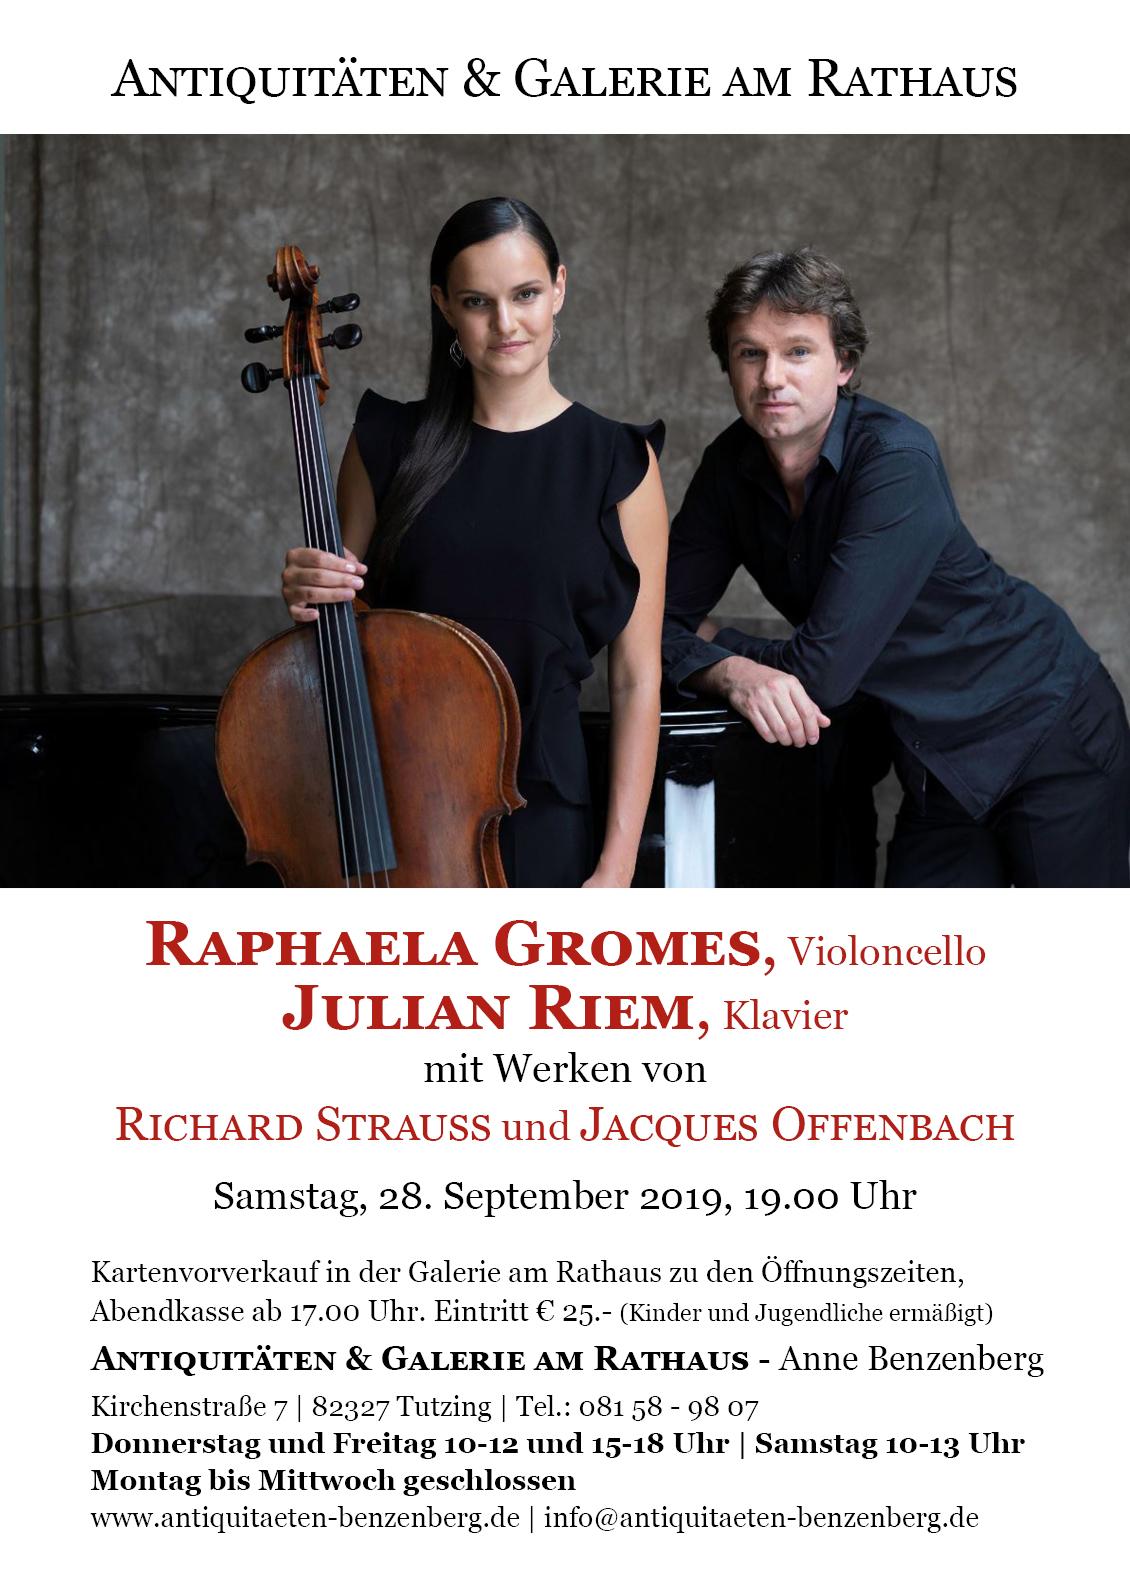 Raphaela Gromes, Violoncello, und Julian Riem, Klavier,  mit Werken von Richard Strauss und Jacques Offenbach. Samstag, 28. September 2019, 19.00 Uhr